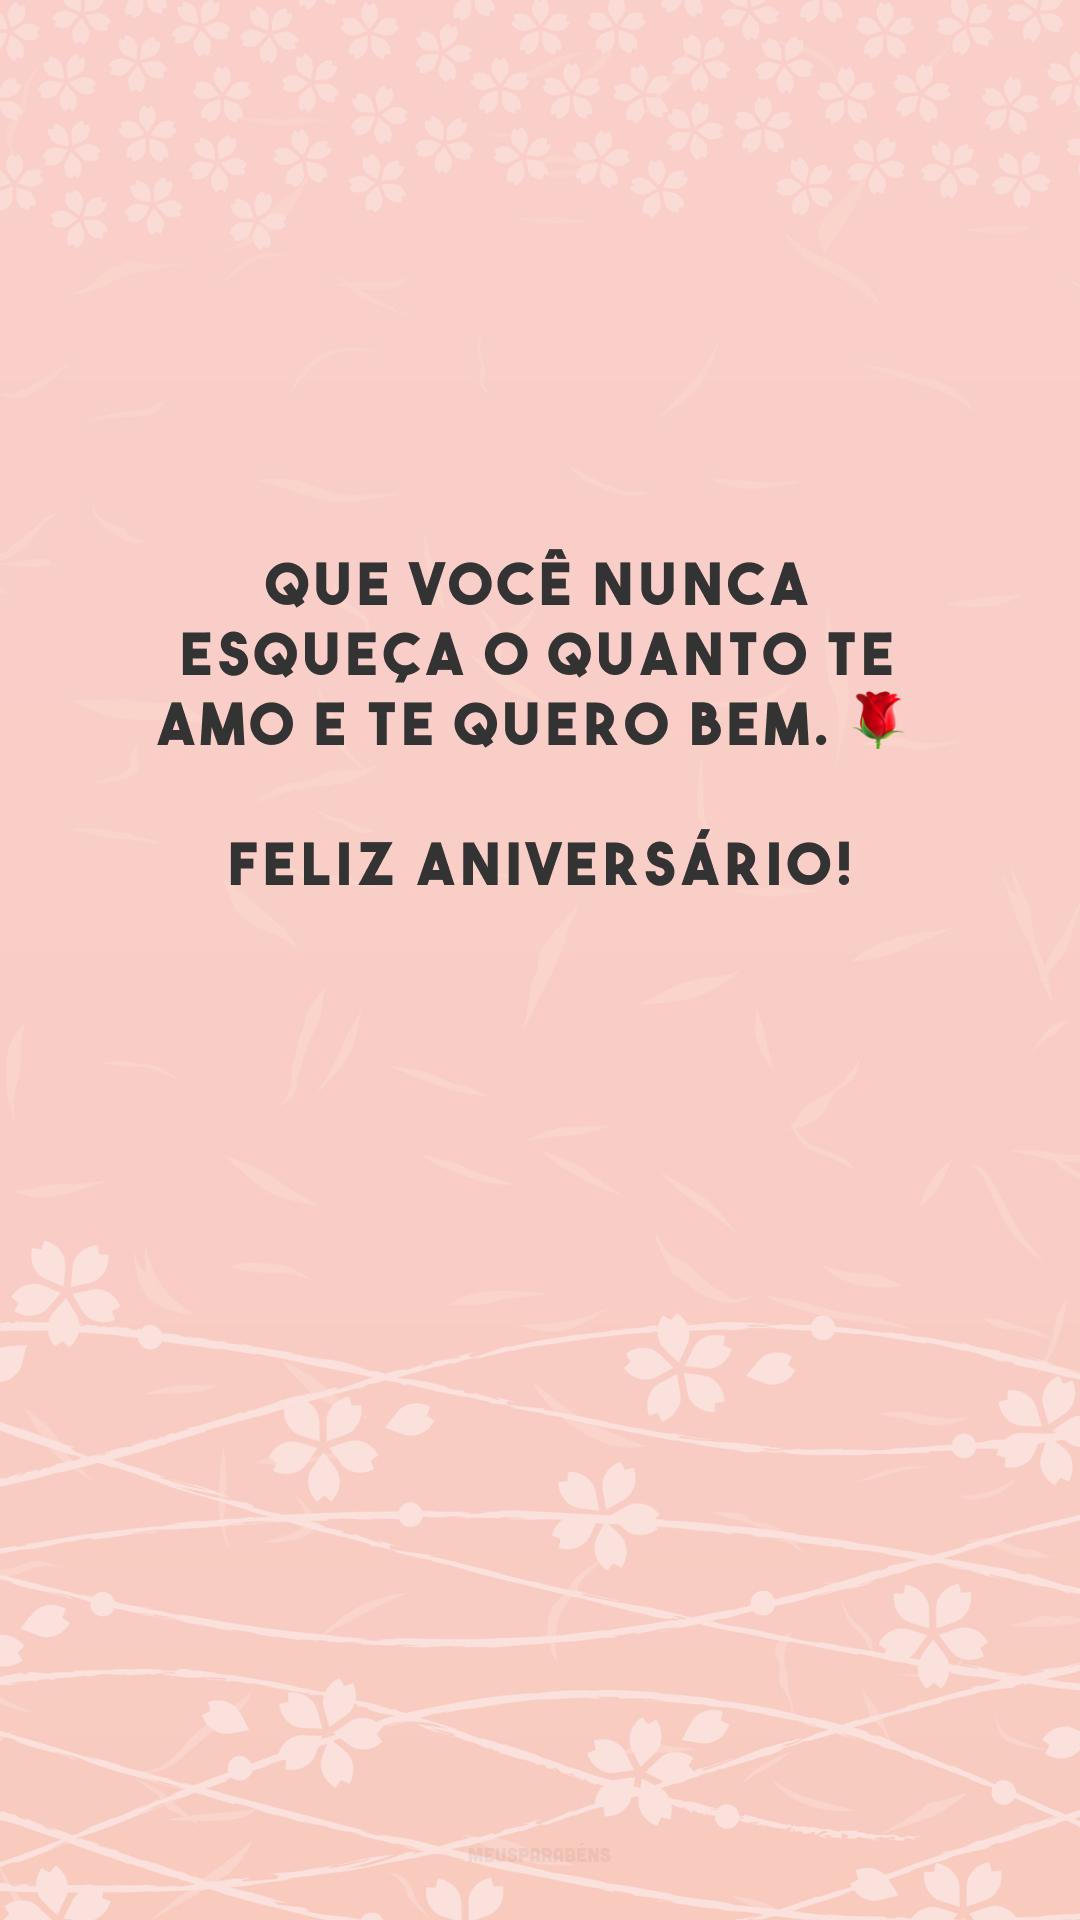 Que você nunca esqueça o quanto te amo e te quero bem. 🌹 Feliz aniversário!